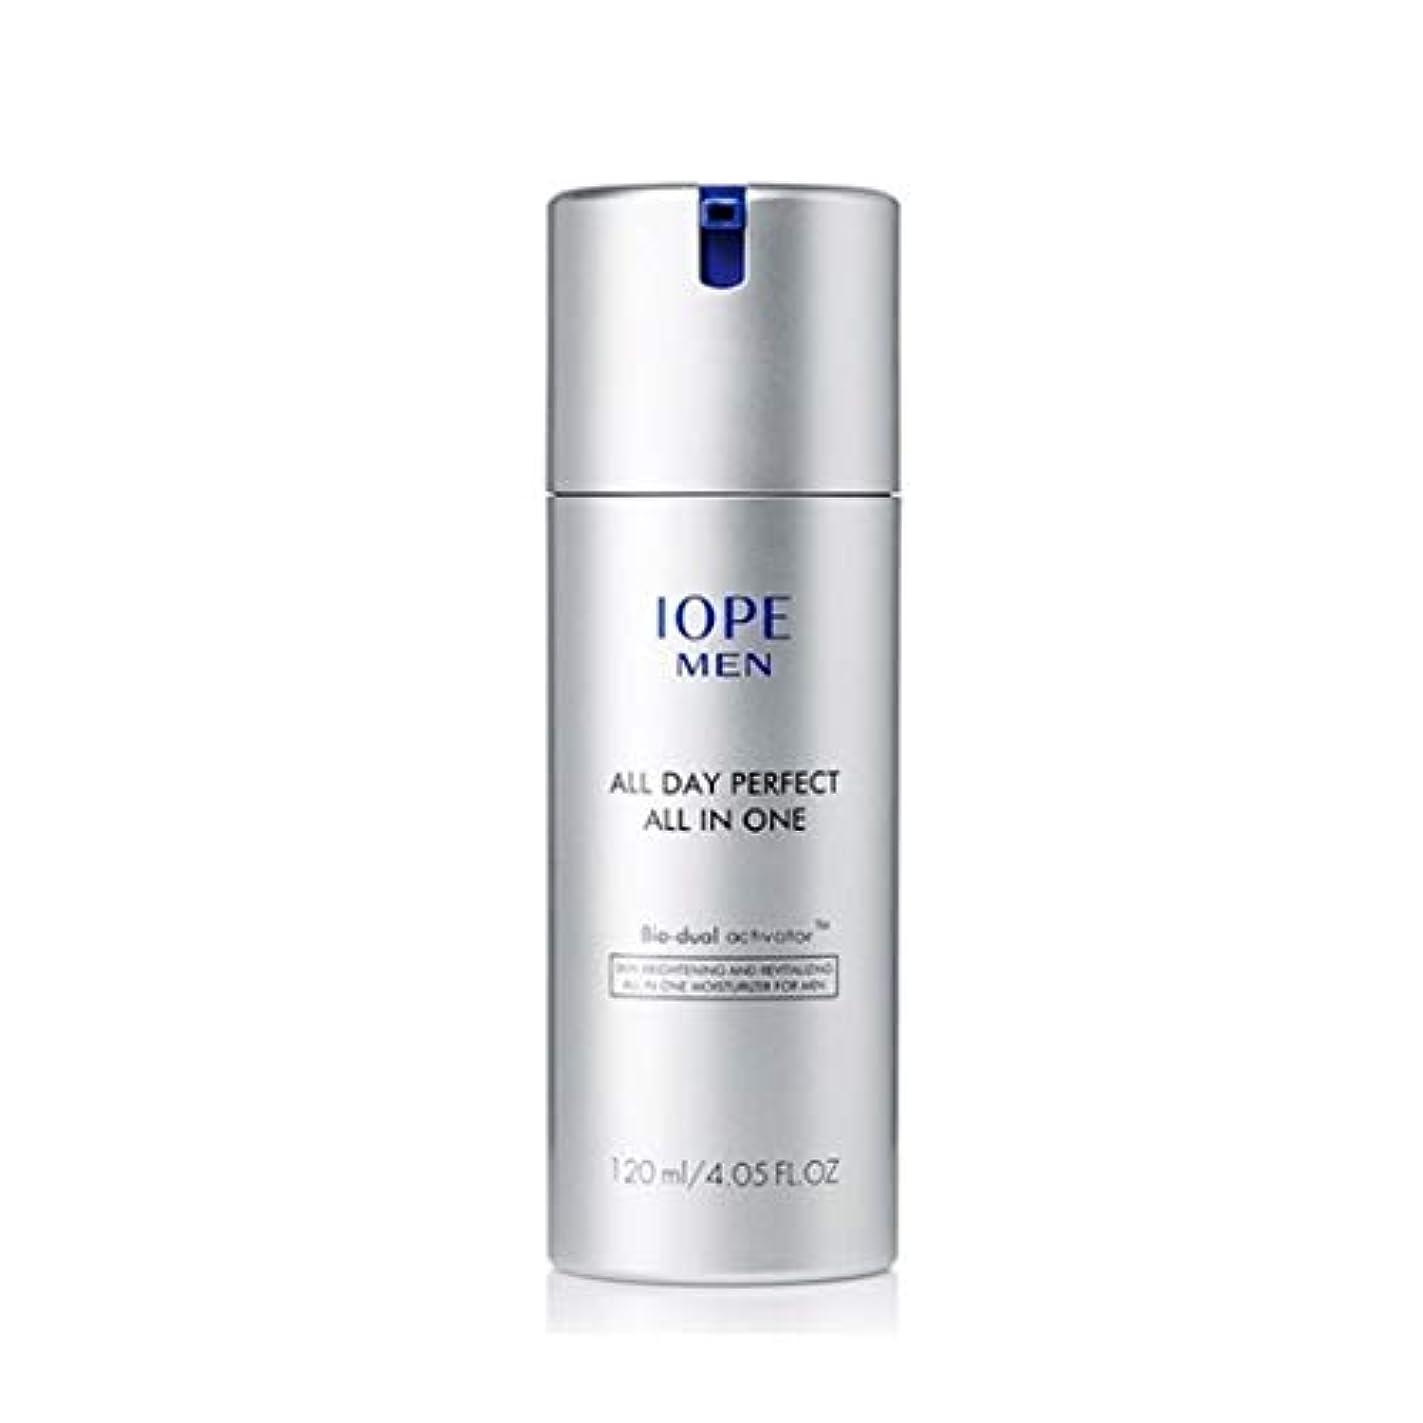 レザースカリーささいなアイオペメンズコスメオールデイパーフェクトオールインワン120ml 韓国コスメ、IOPE Men All Day Perfect All in One 120ml Men's Cosmetics Korean Cosmetics...